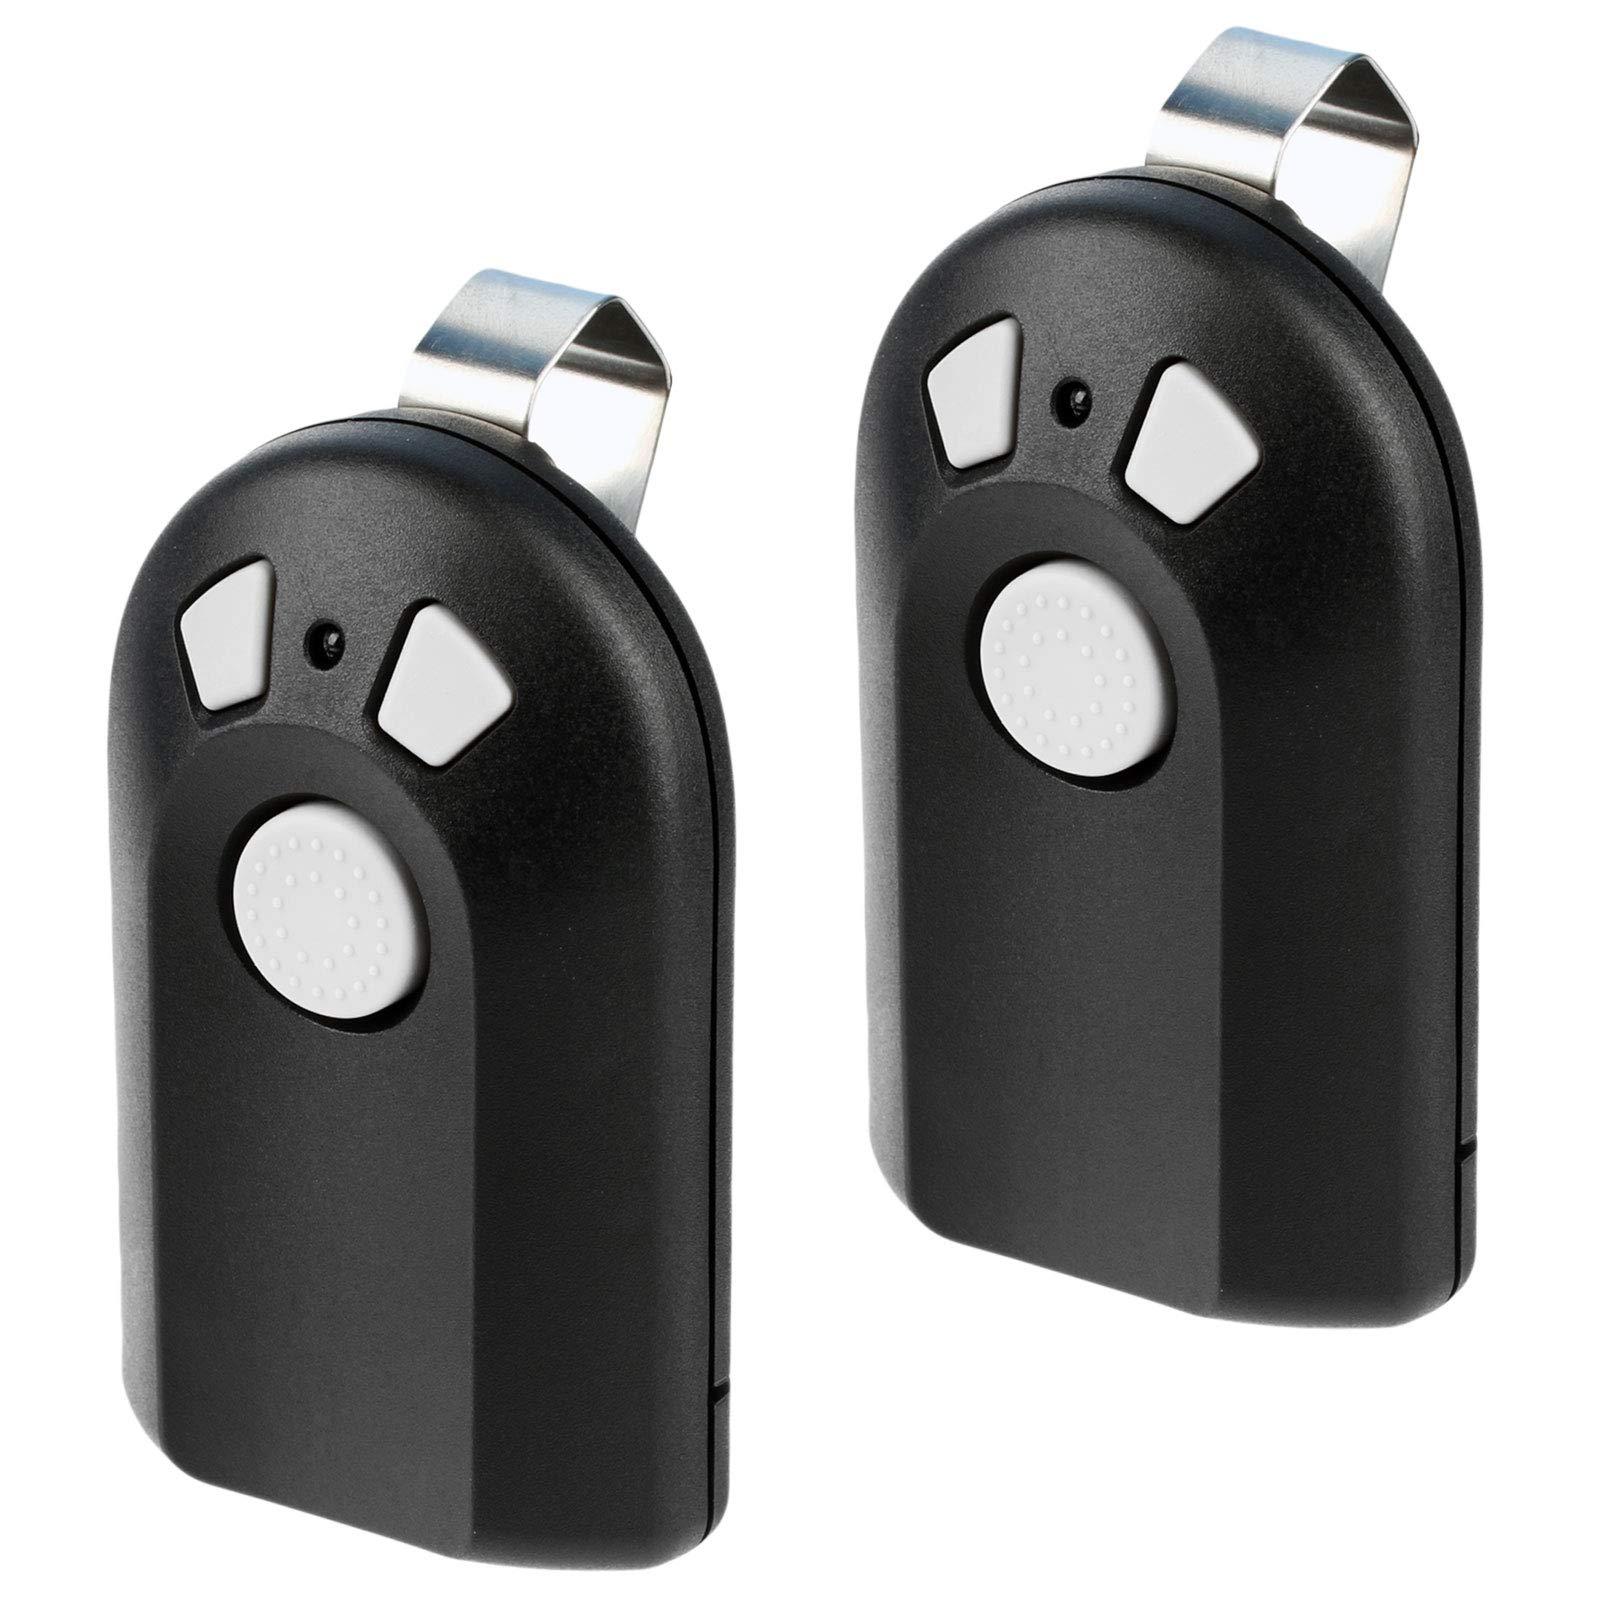 2 for Genie Garage Door Remote Intellicode ACSCTG Type 3 by TCK TECH